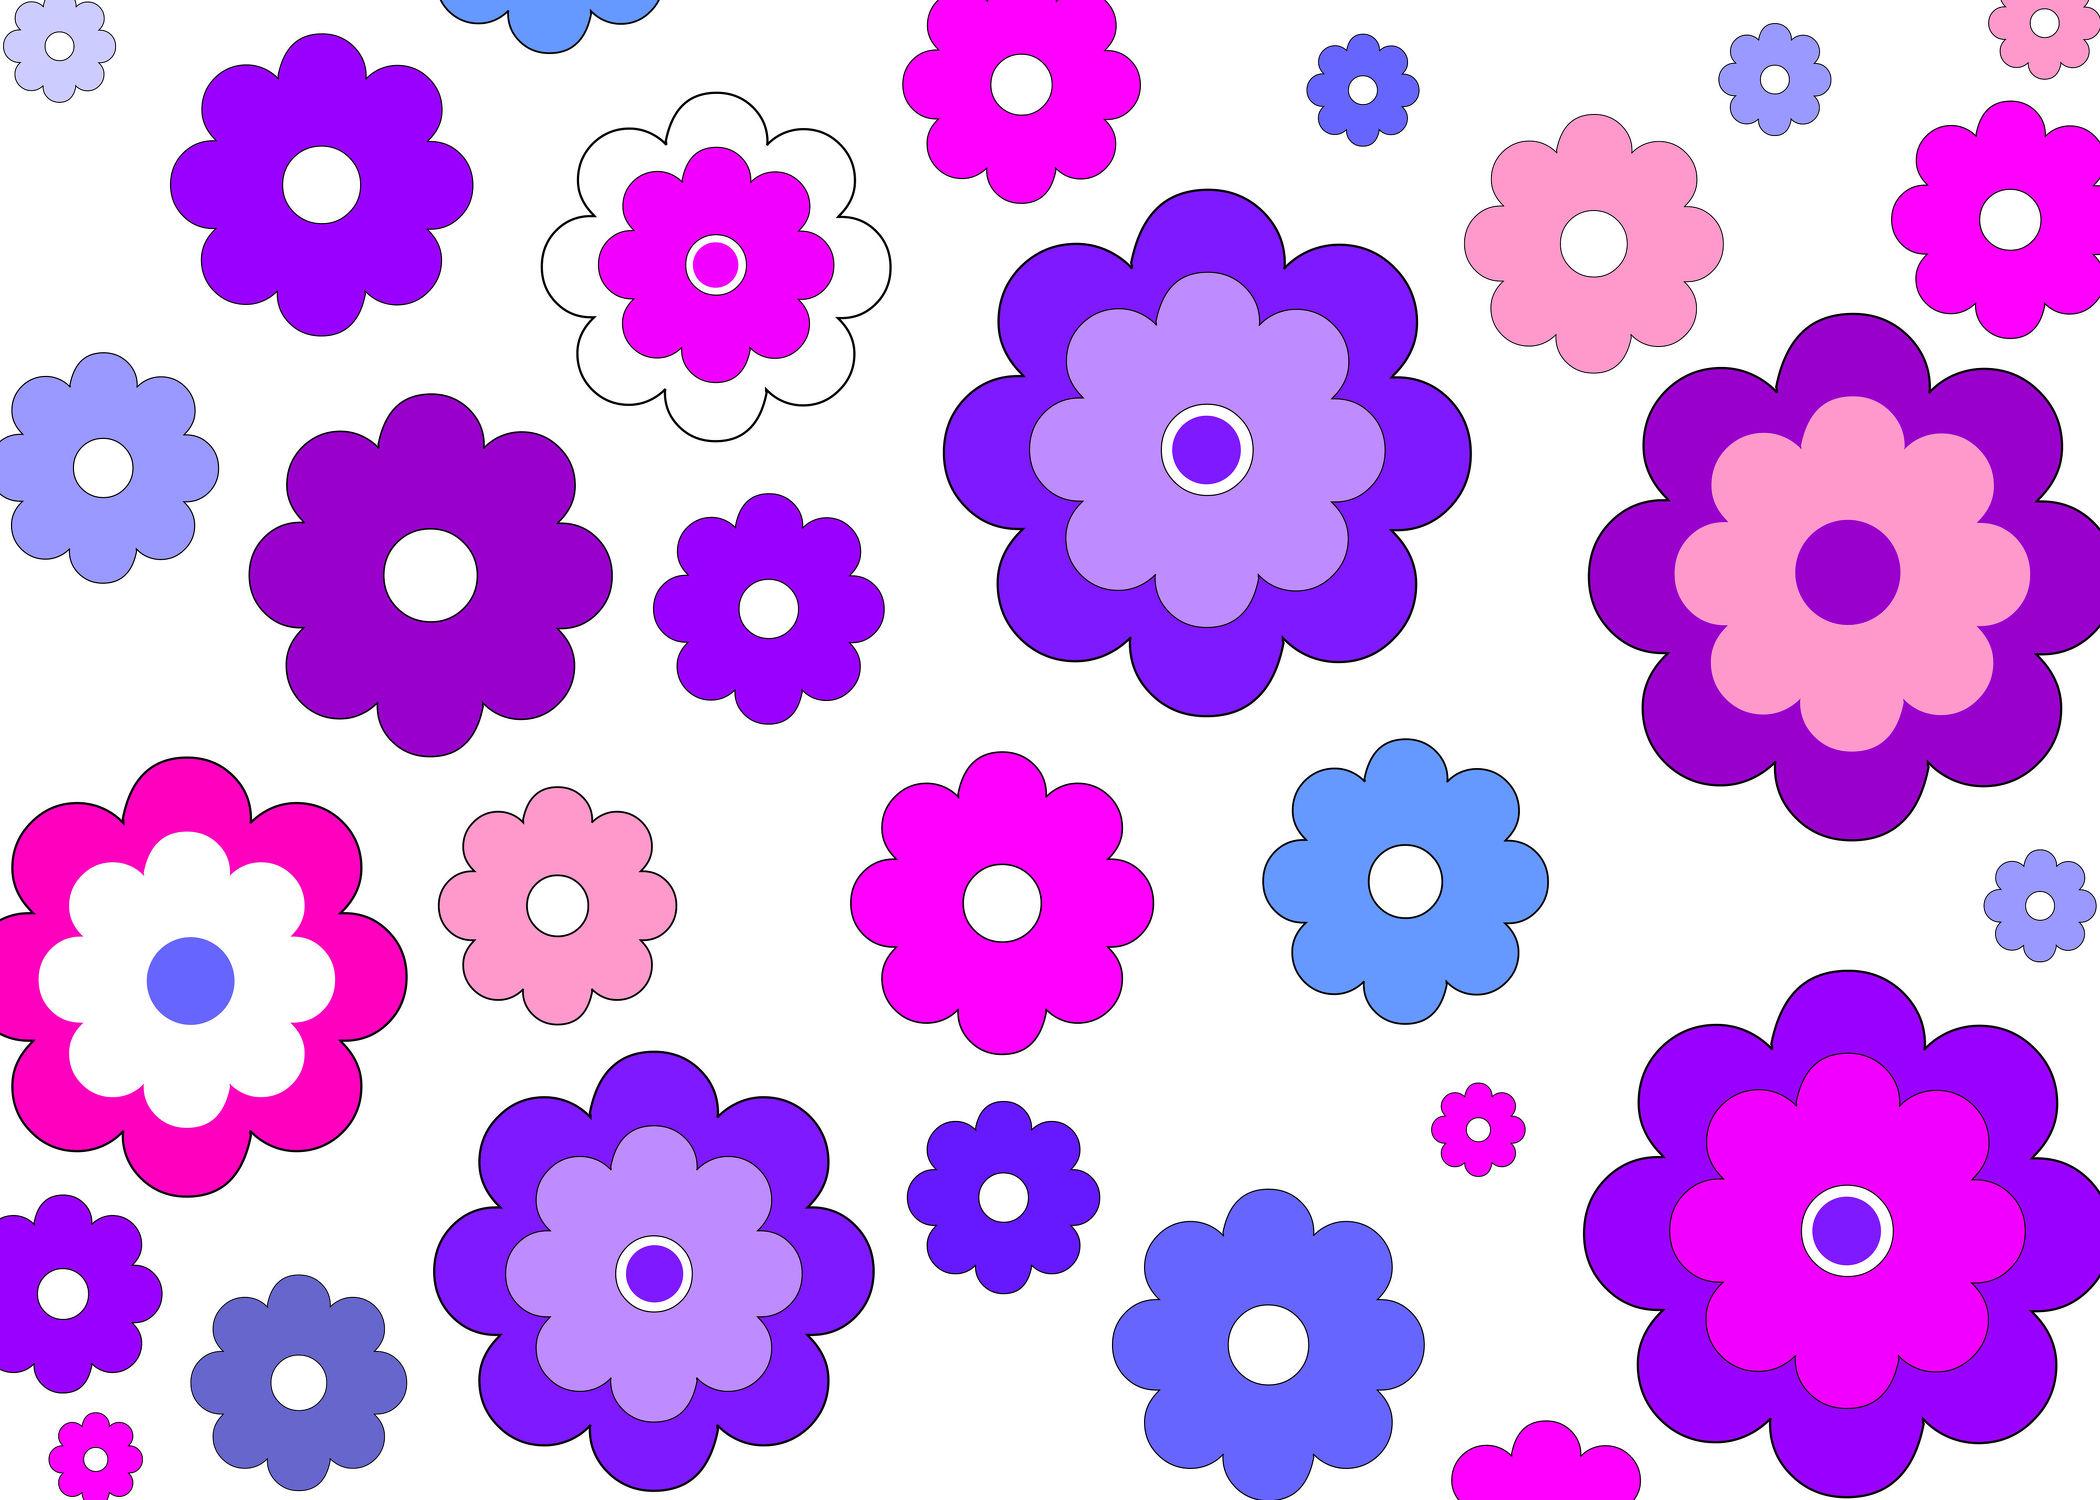 Bild mit Blumen, Zeichnung, Illustration, Blume, Kinderbild, Kinderbilder, Kinderzimmer, Kinder, Muster, Blumenmuster, Kind, Mädchenzimmer